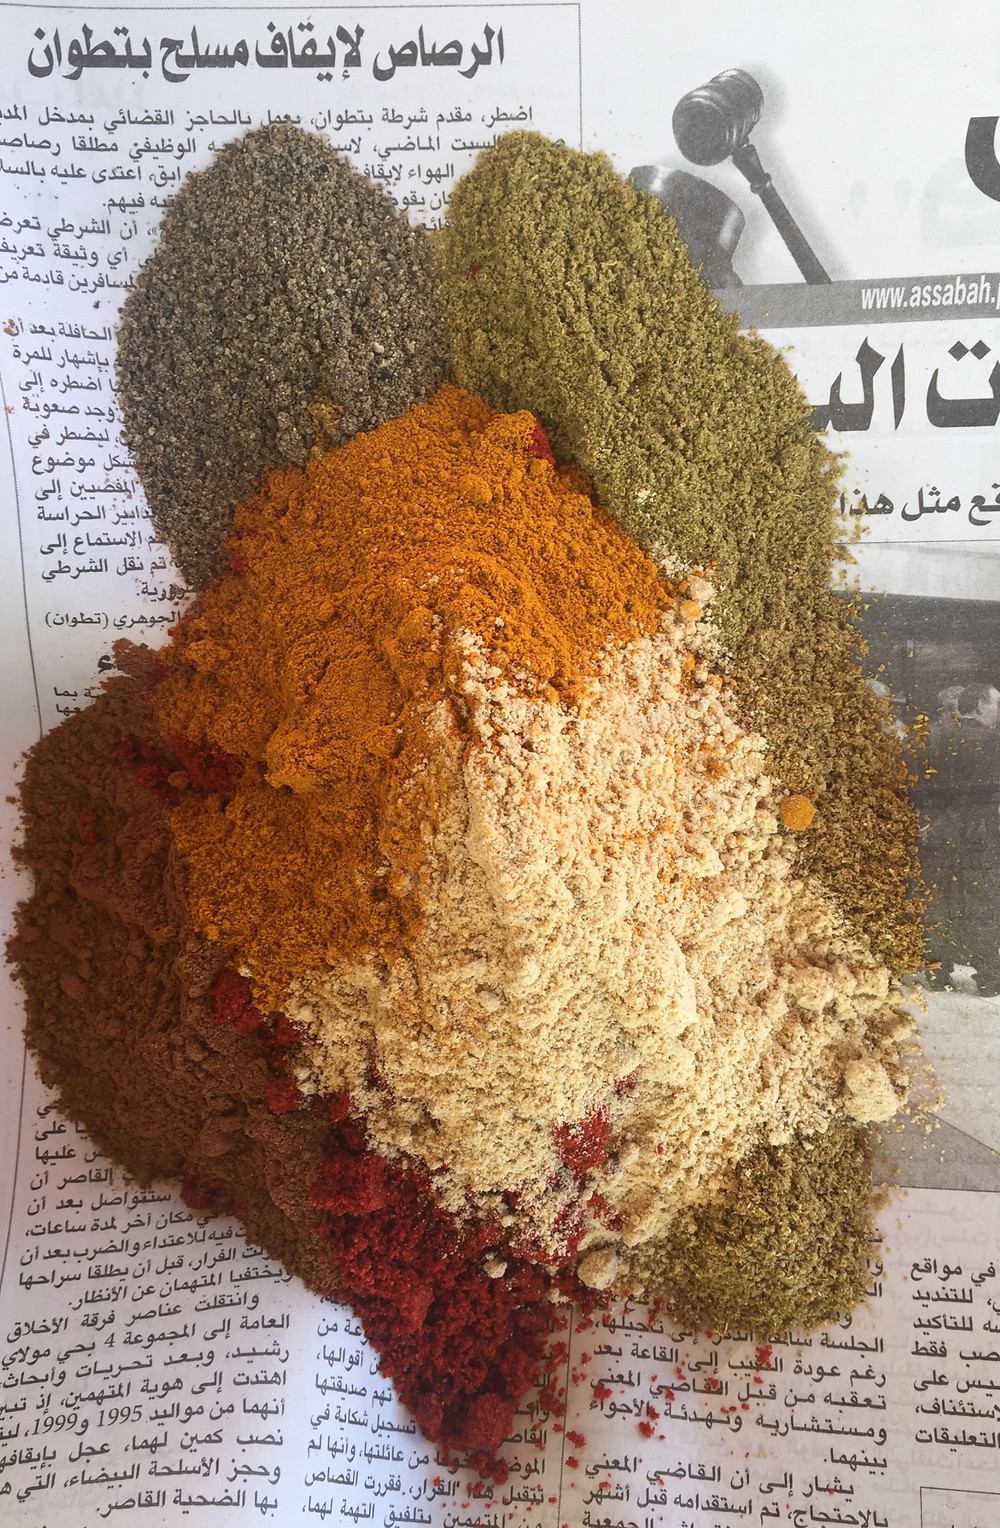 Les épices de la vie, Al Haouz, Maroc.